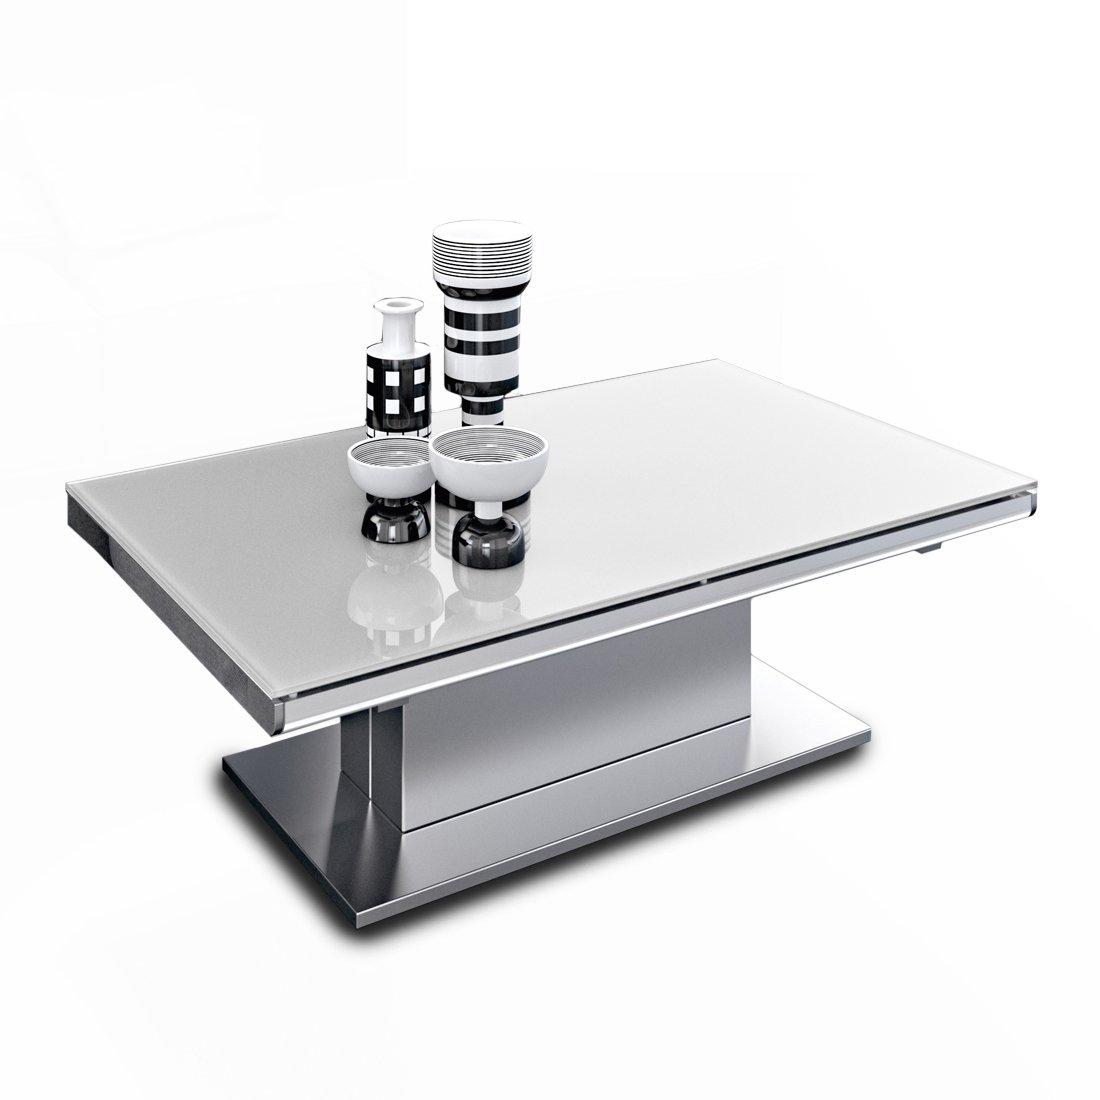 table basse relevable verre acier meubles et atmosph re. Black Bedroom Furniture Sets. Home Design Ideas